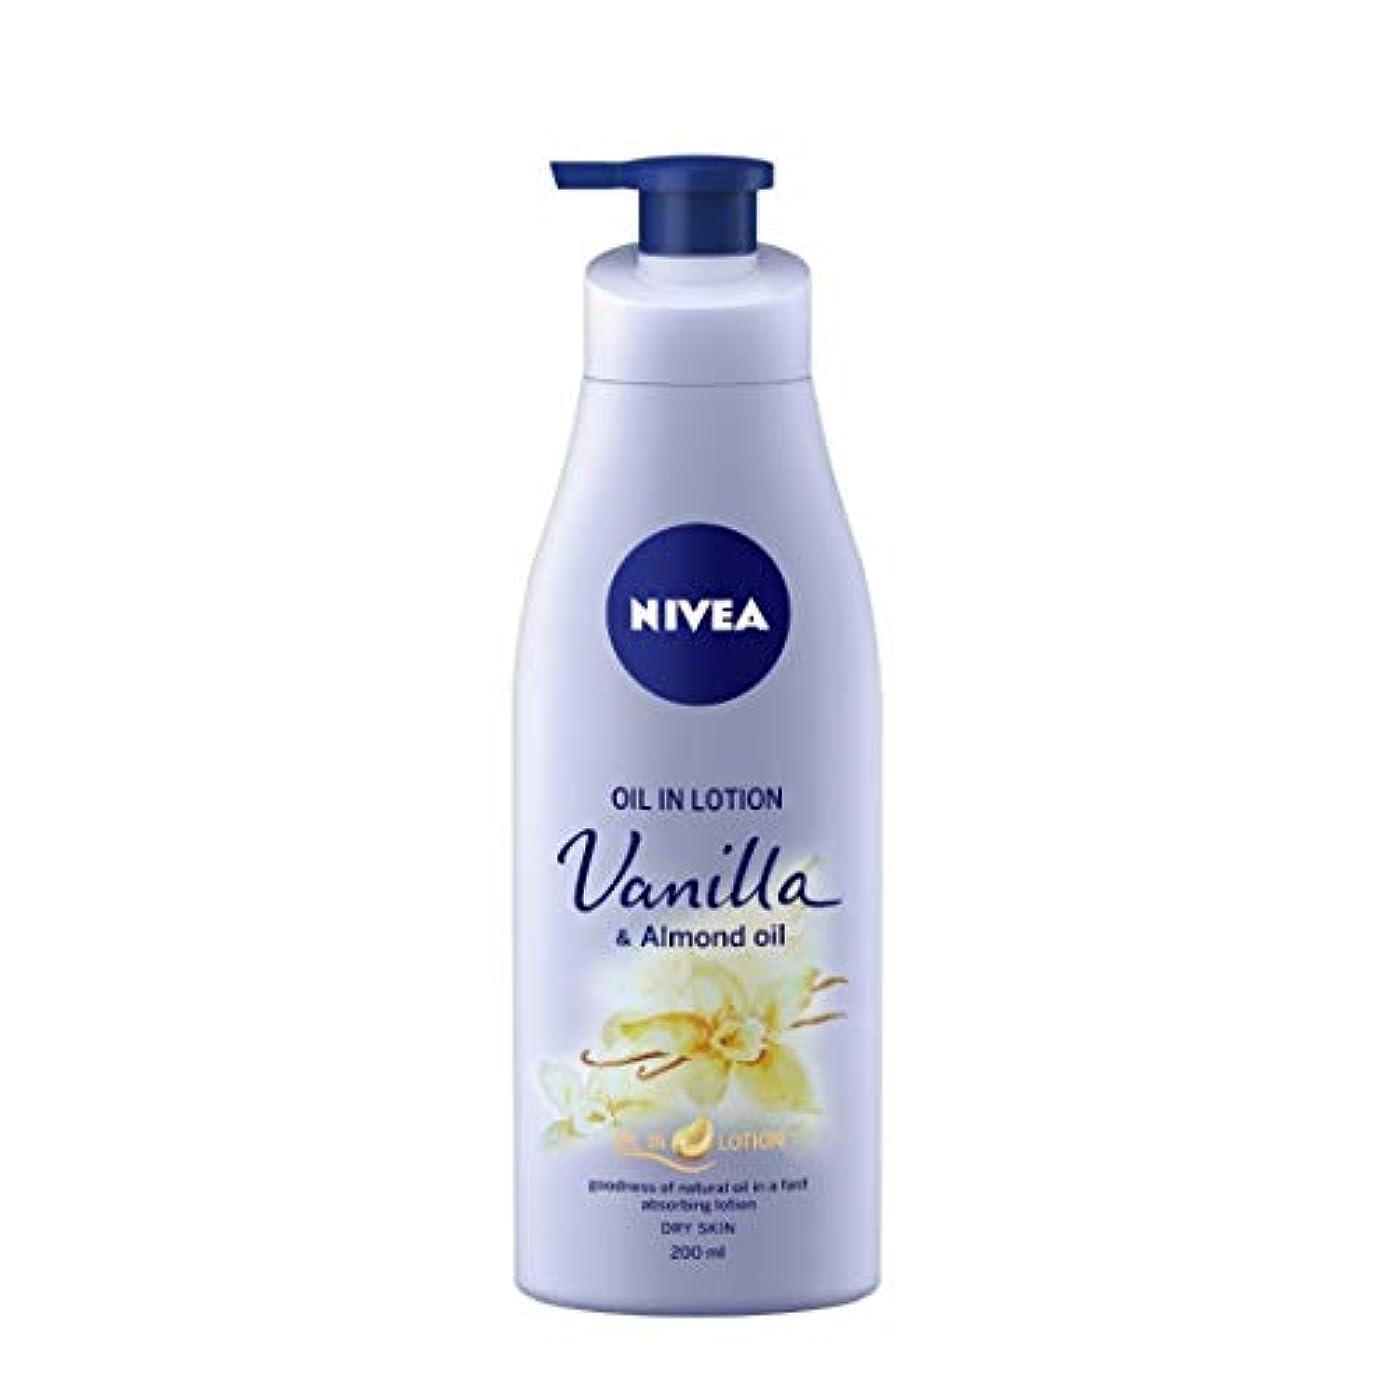 見えないハブブ急ぐNIVEA Oil in Lotion, Vanilla and Almond Oil, 200ml